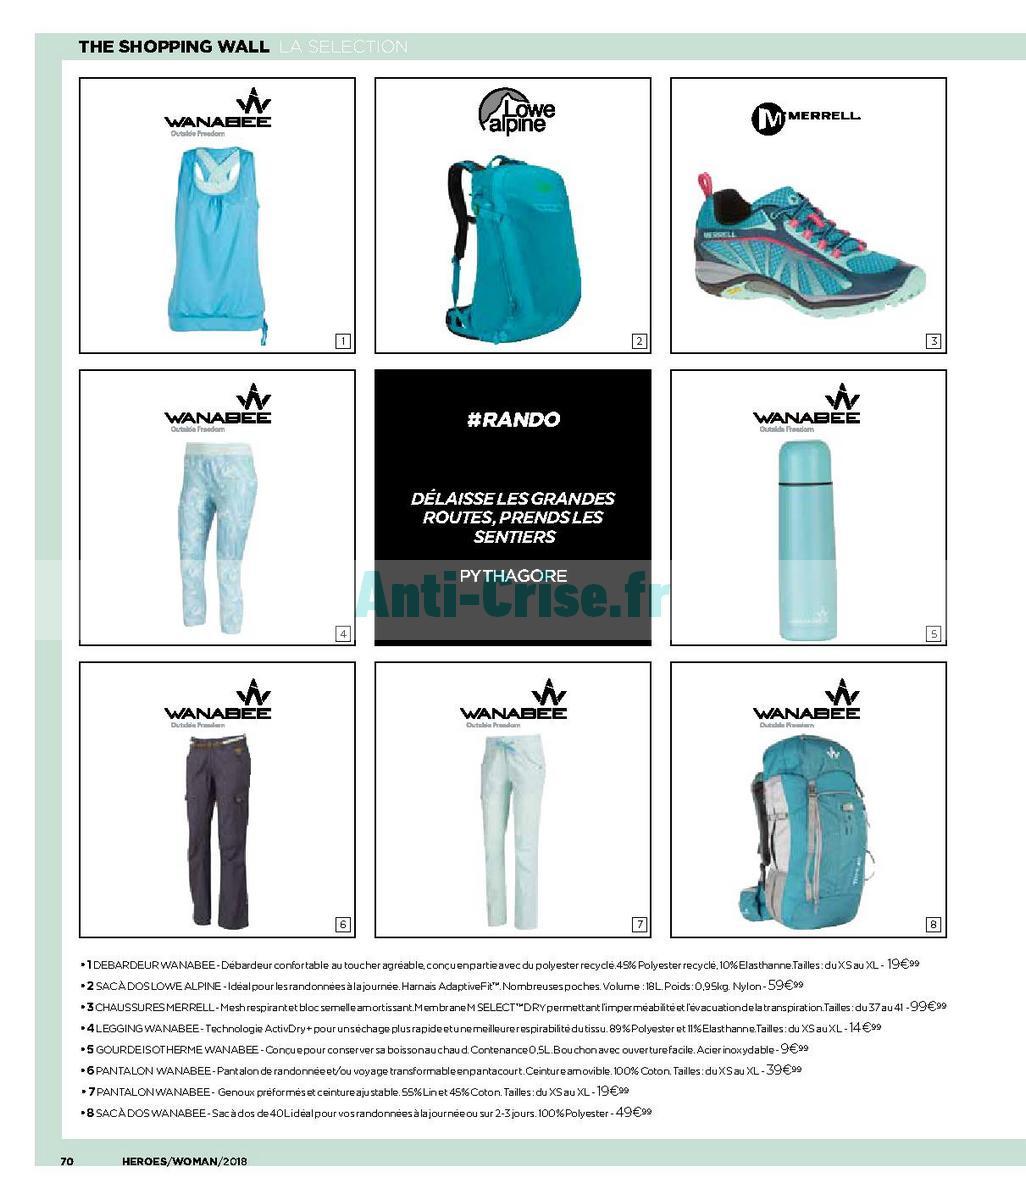 decembre2018 Catalogue Go Sport du 28 avril au 31 décembre 2018 (Spécial Femme) (70)